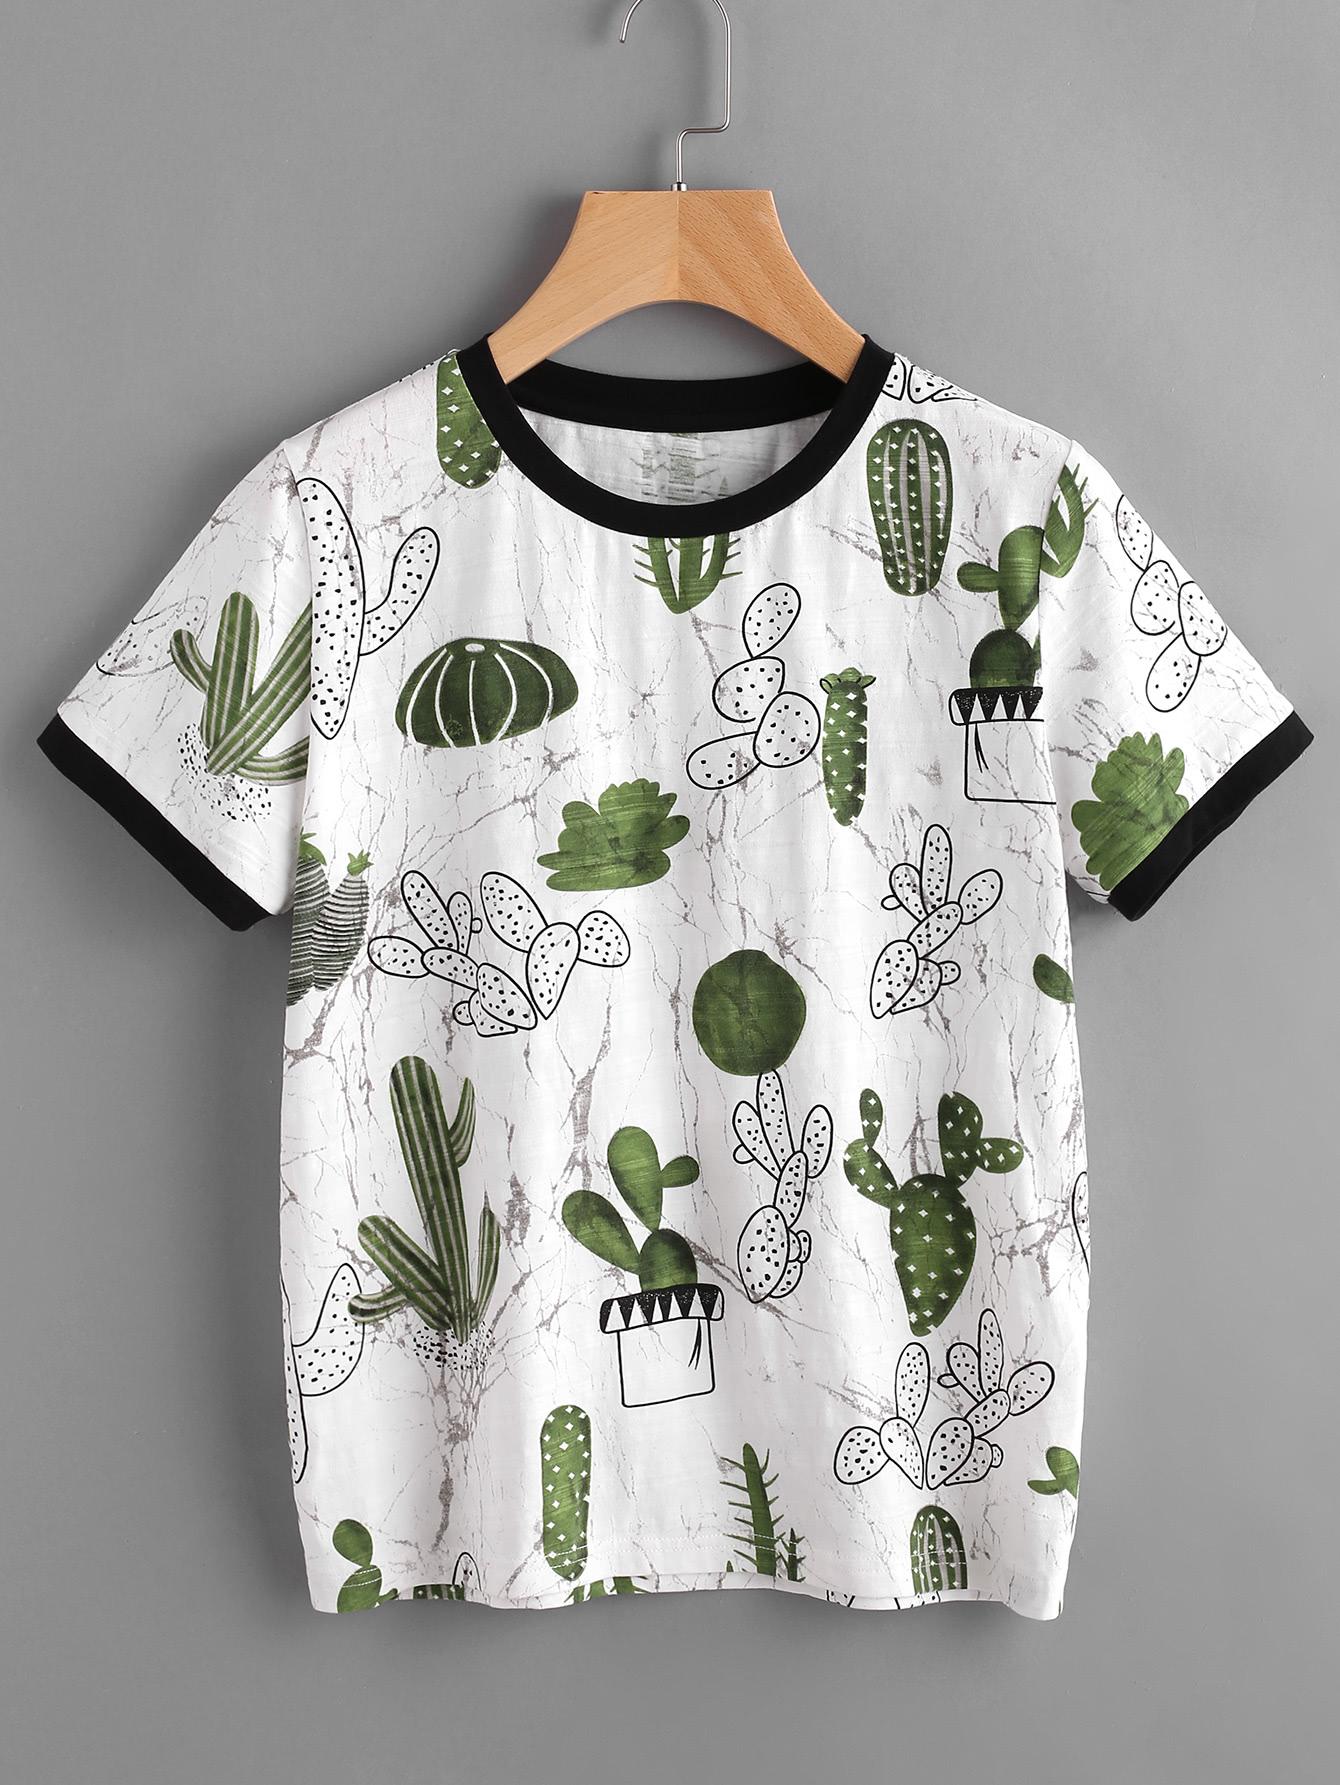 Imprimer cactus t shirt et le marbre french shein sheinside - Imprimer photo sur tee shirt ...